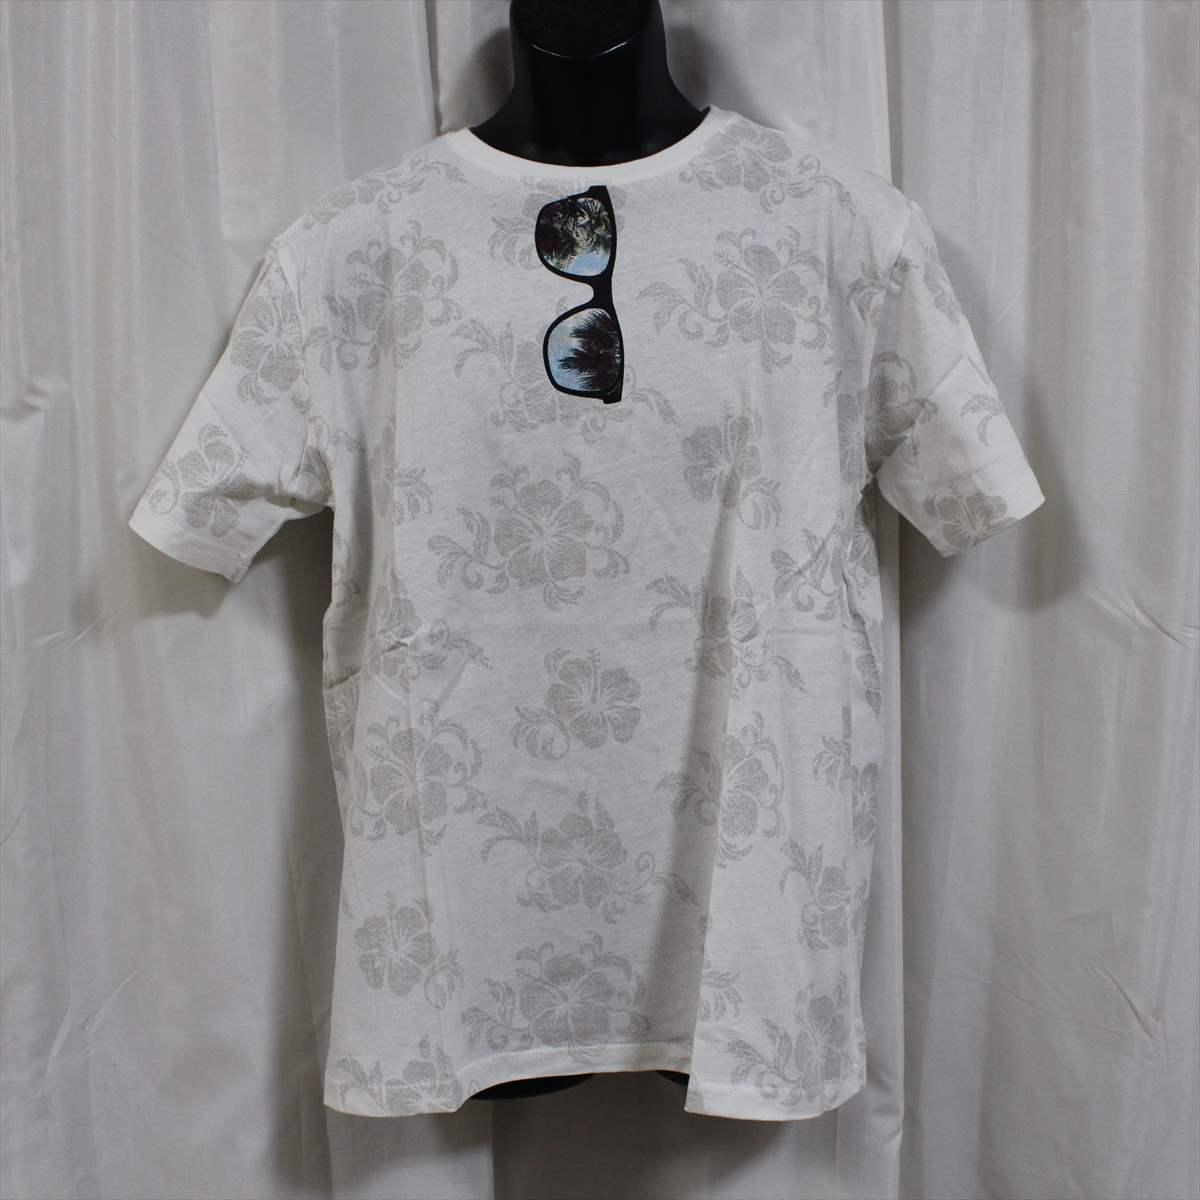 ピコ PIKO メンズ半袖Tシャツ ホワイト Lサイズ 新品 HAWAIIAN LONGBOARD WEAR 白_画像1